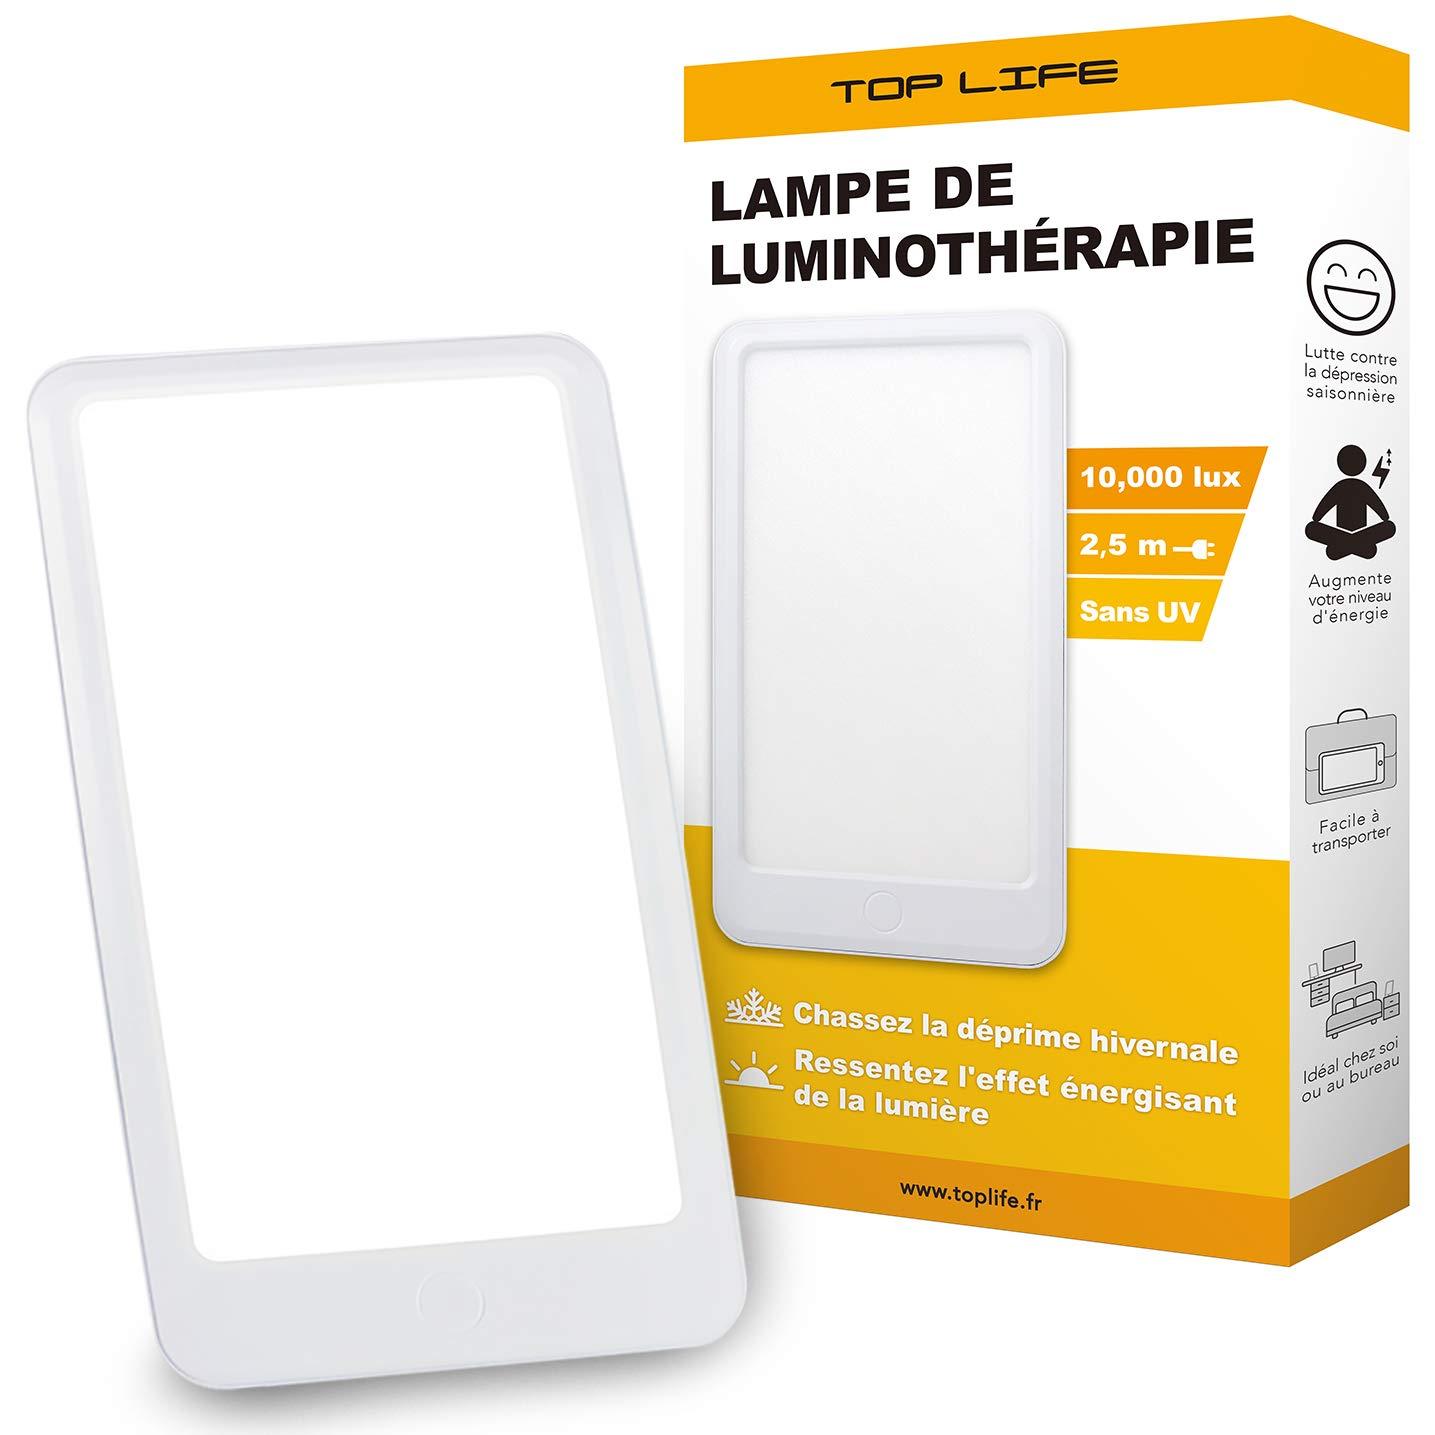 Lá mpara de luz diurna natural 10000 lux - Lampara Luminoterapia Eficiencia Terapé utica para combatir la Depresió n y Trastorno Afectivo Estacional Top Life TL